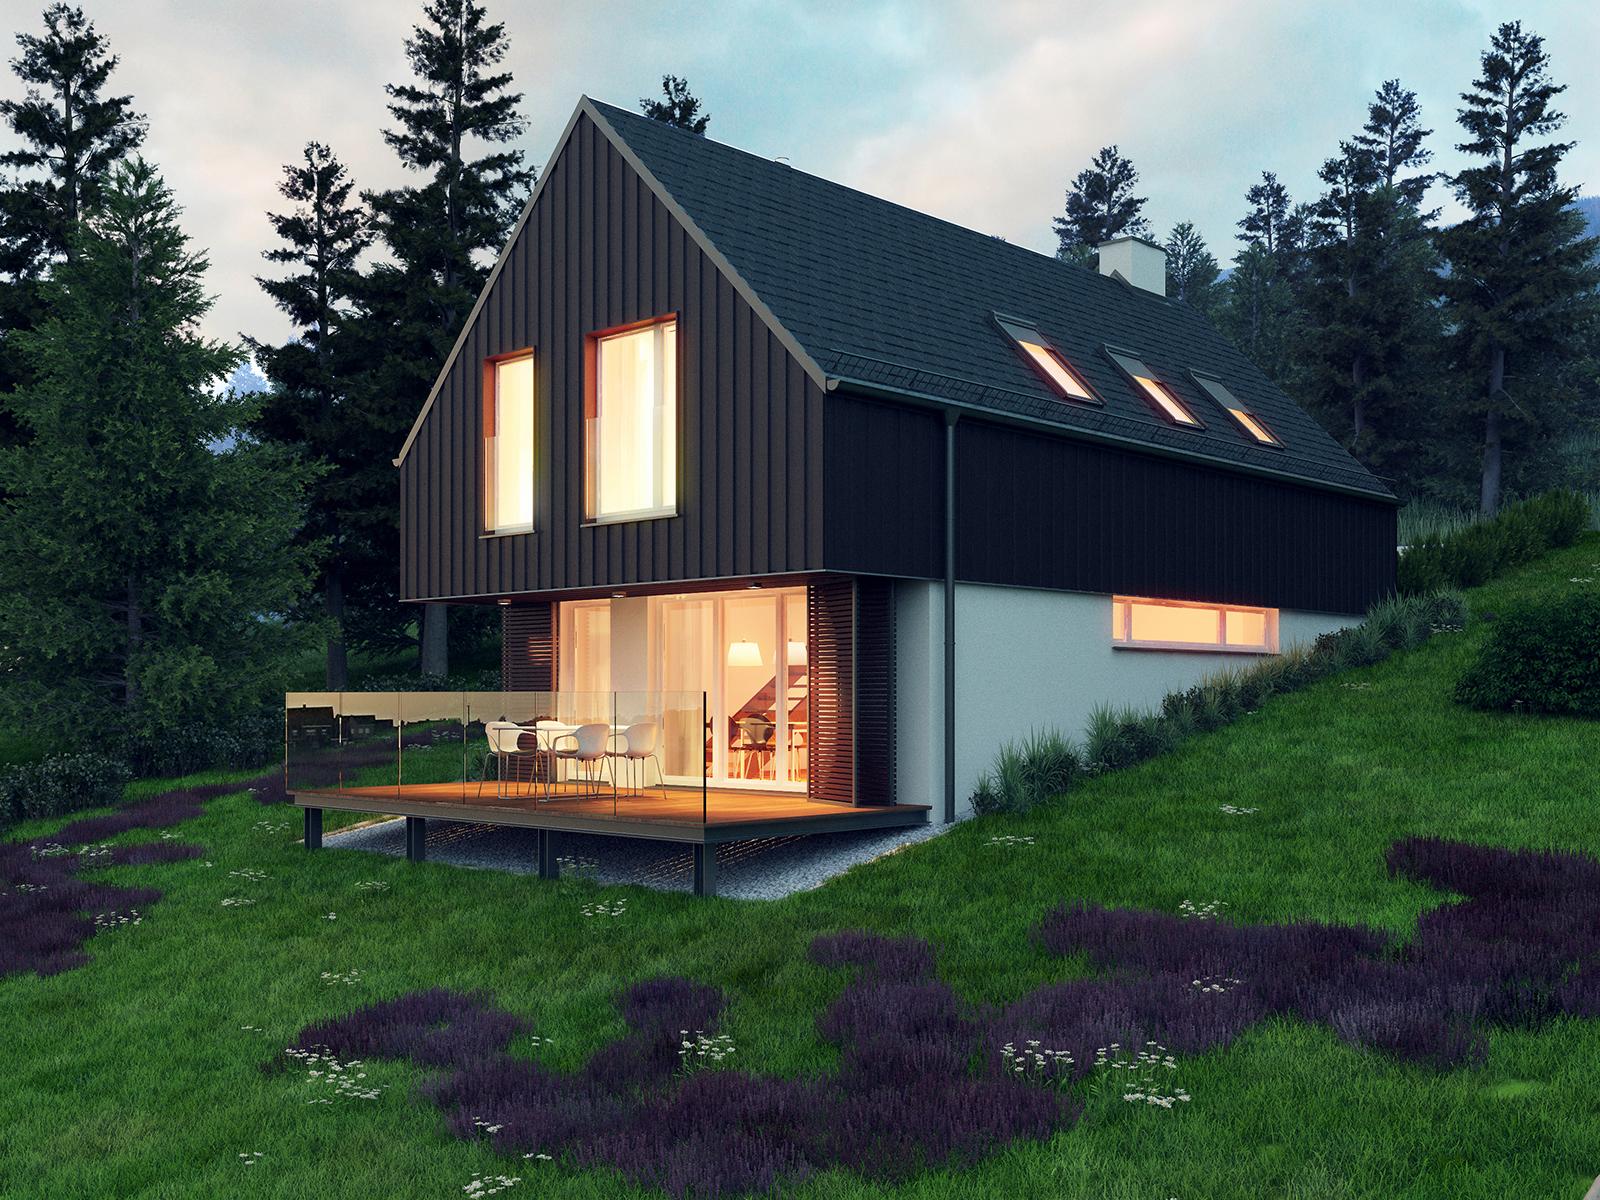 Projekt domu W KRAJOBRAZIE Domy Czystej Energii widok od ogrodu